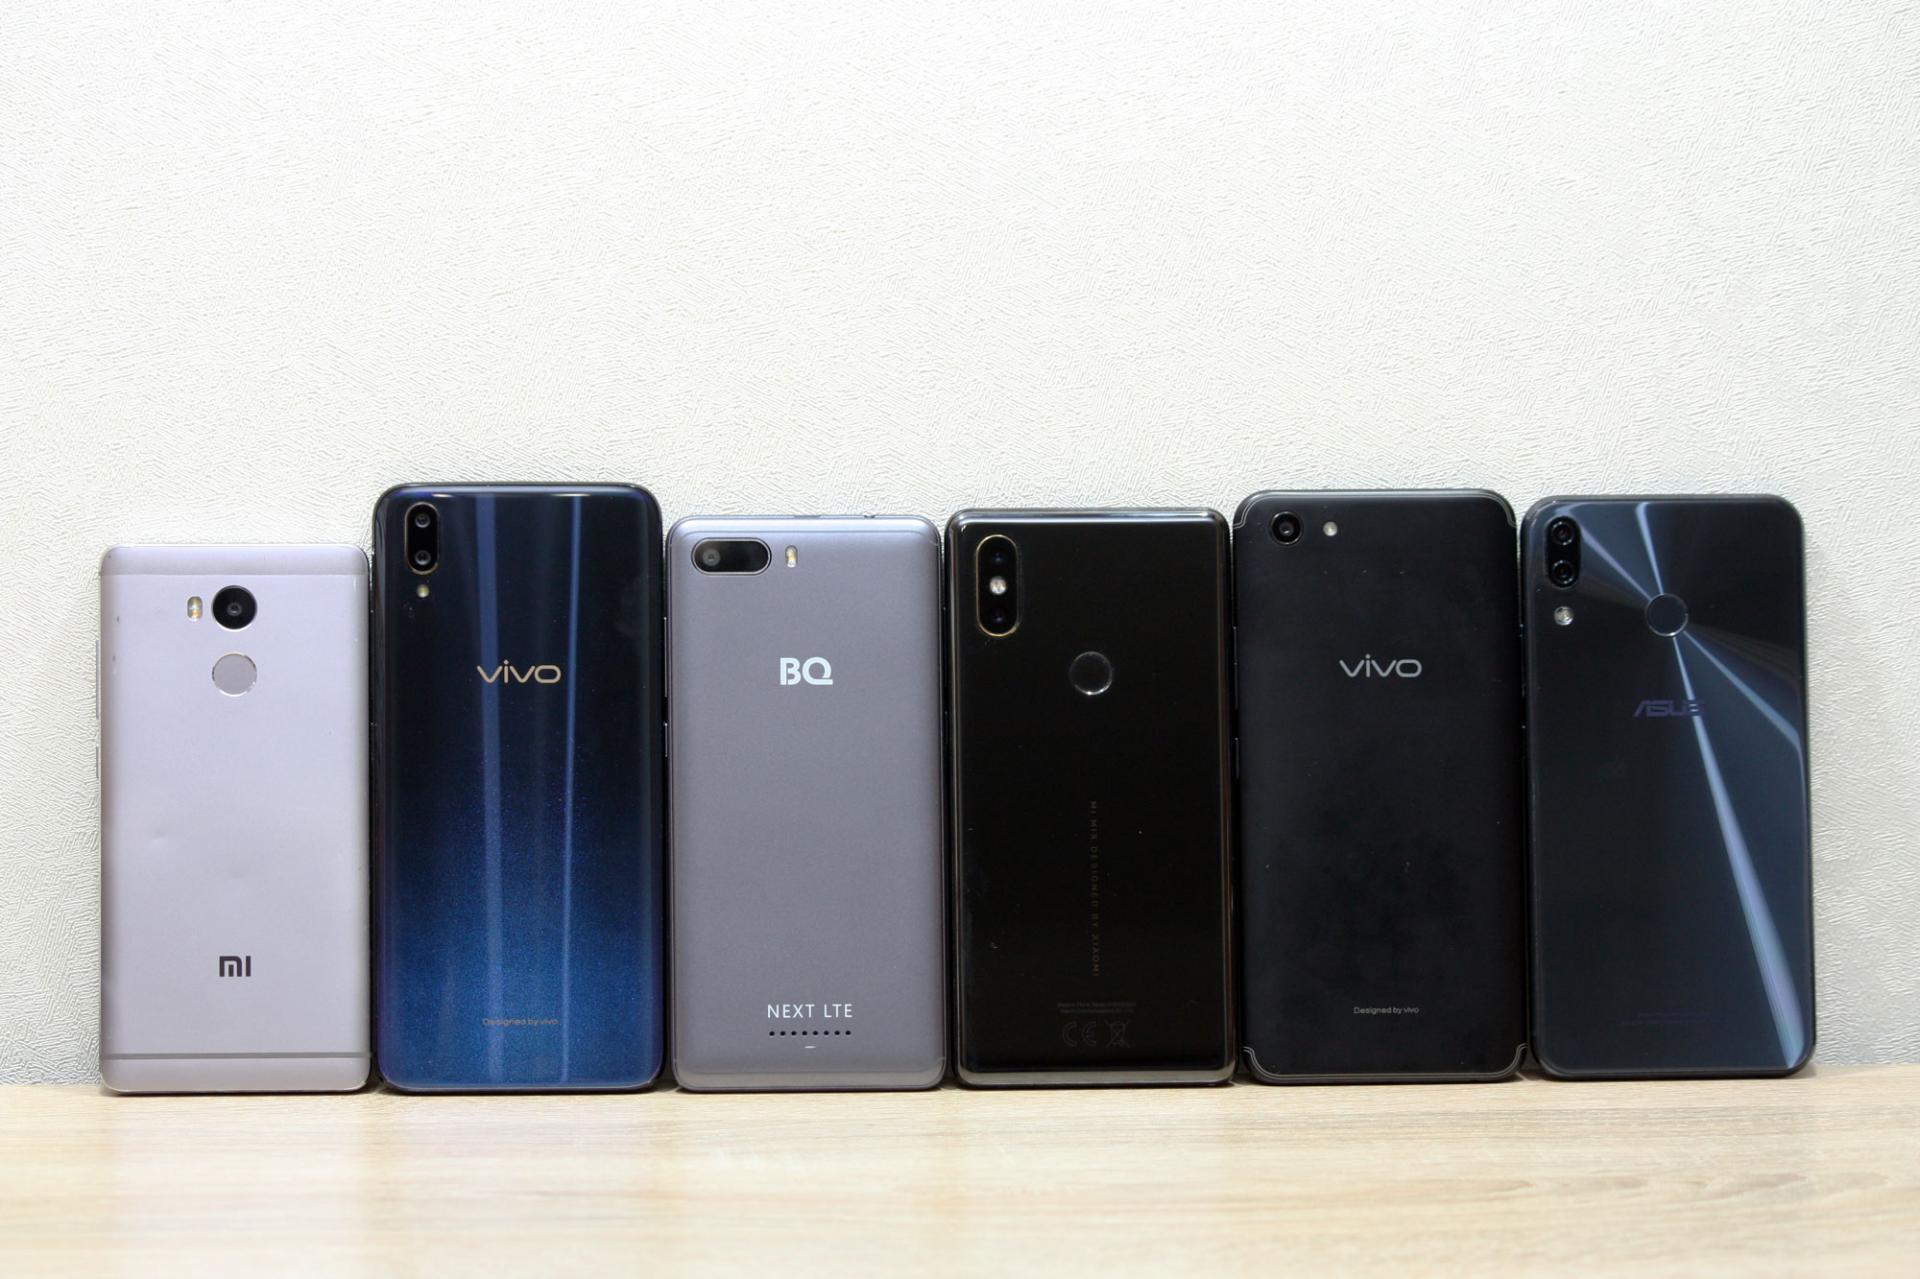 Лучшие смартфоны 48 недели года. Какие они?